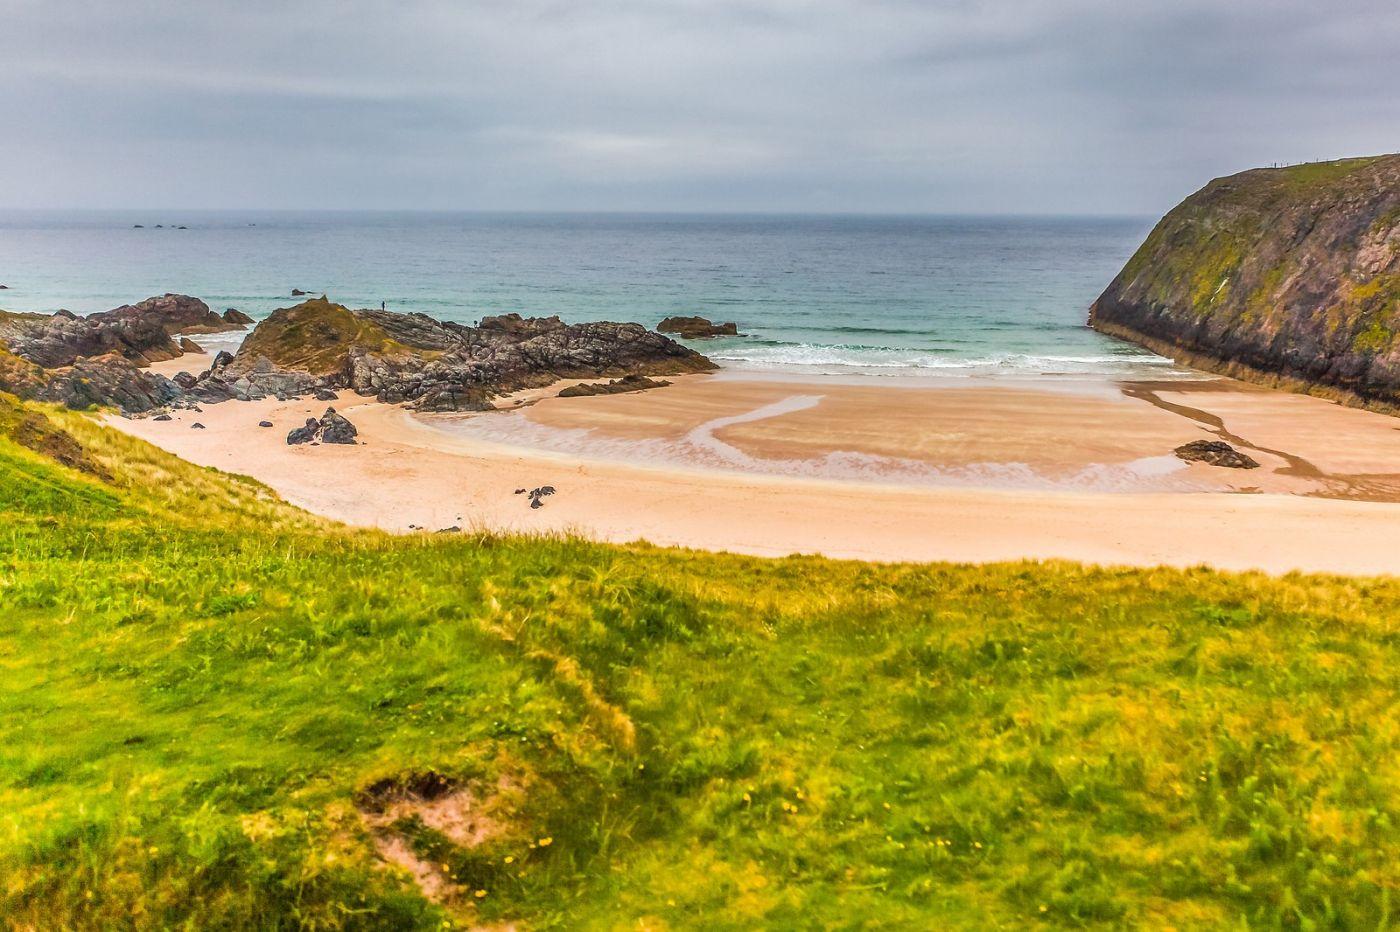 苏格兰美景,弯弯的沙滩_图1-6